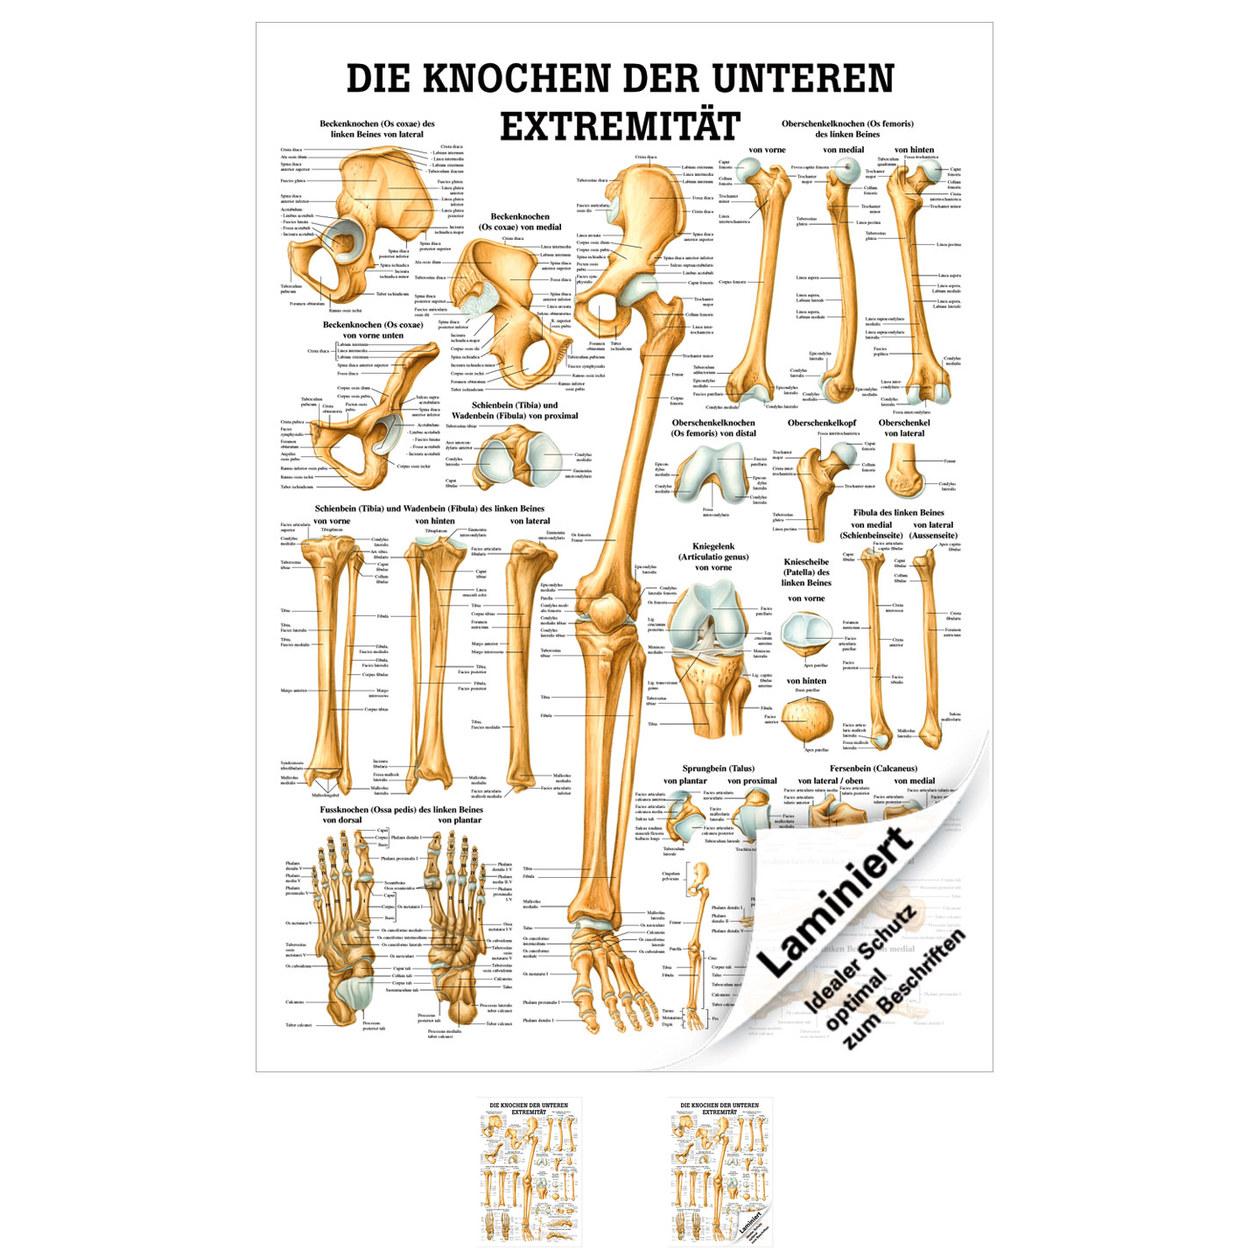 Die Knochen der unteren Extremität Mini-Poster Anatomie 34x24 cm med ...